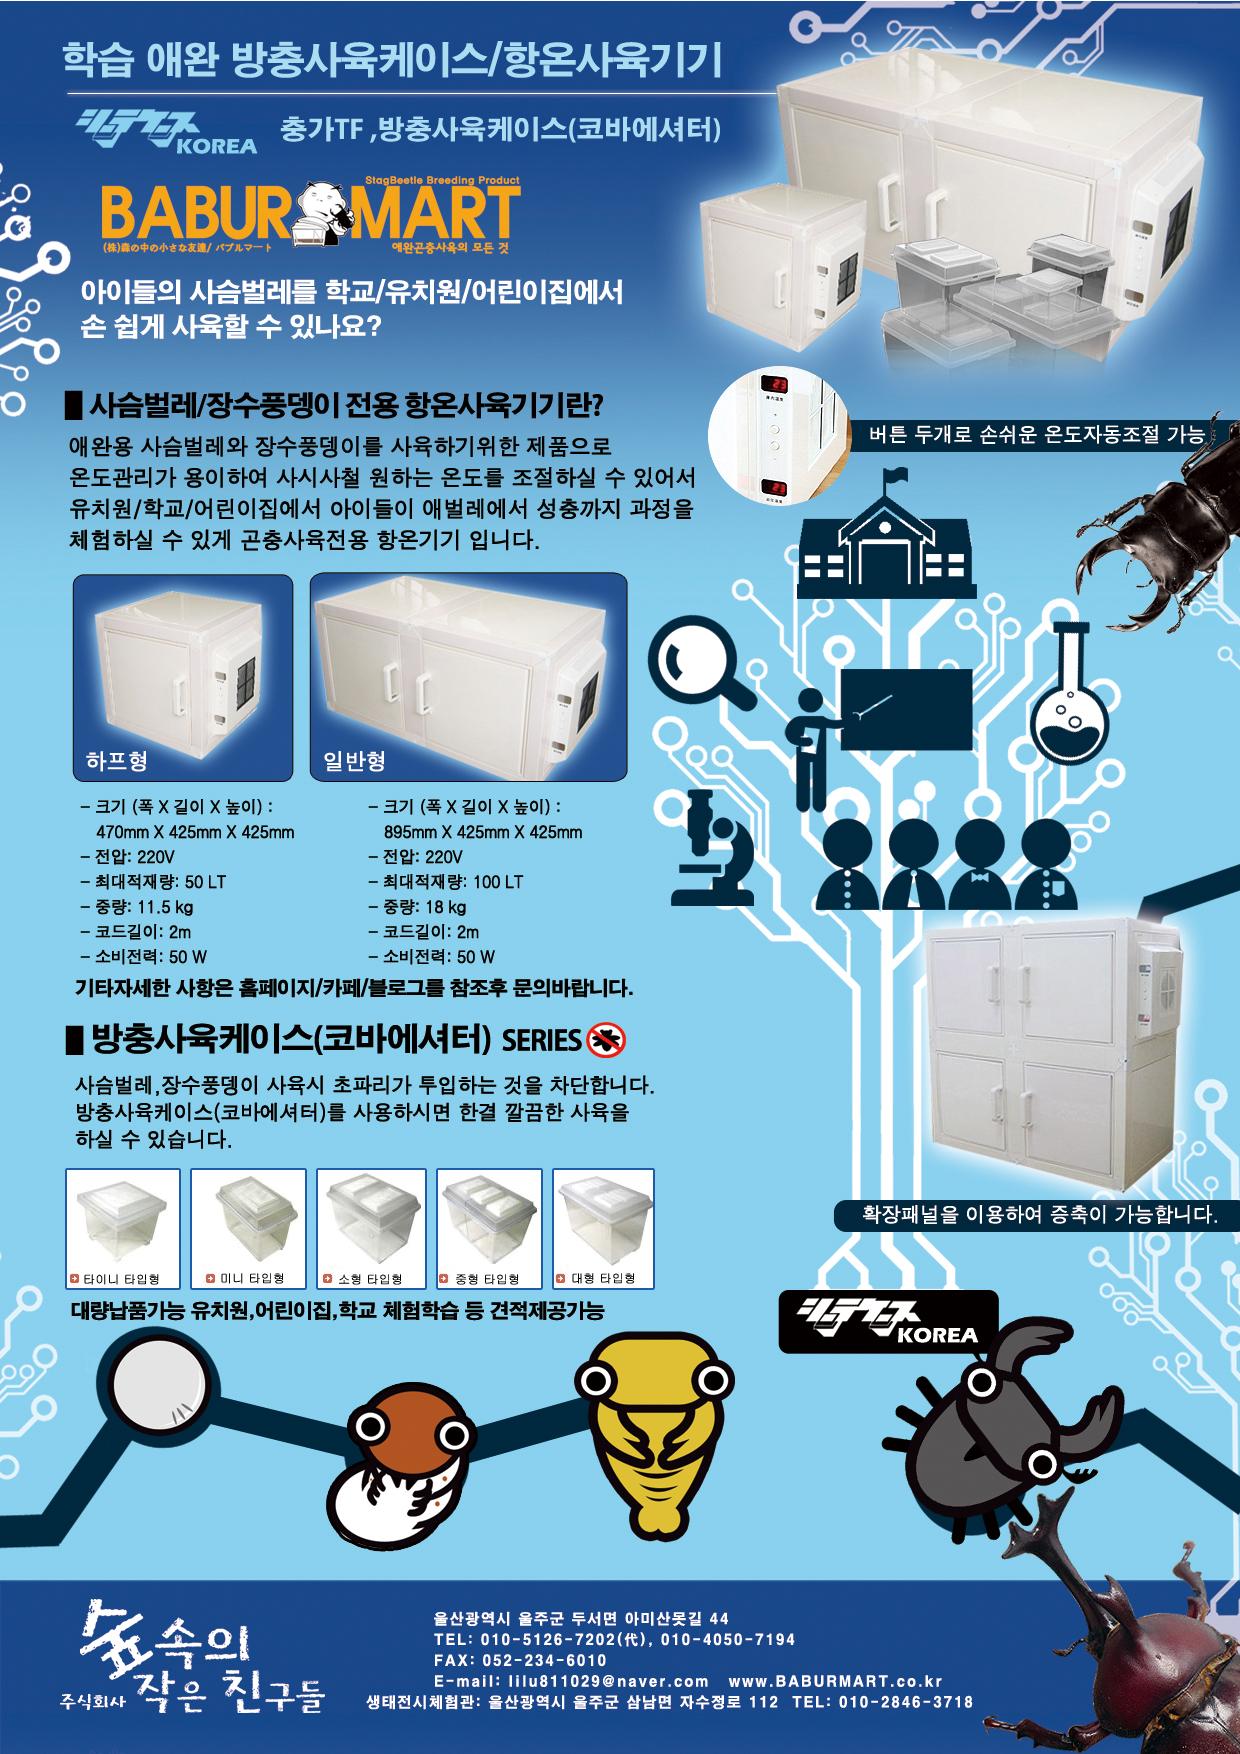 시라케이스社사육용품 한국총판